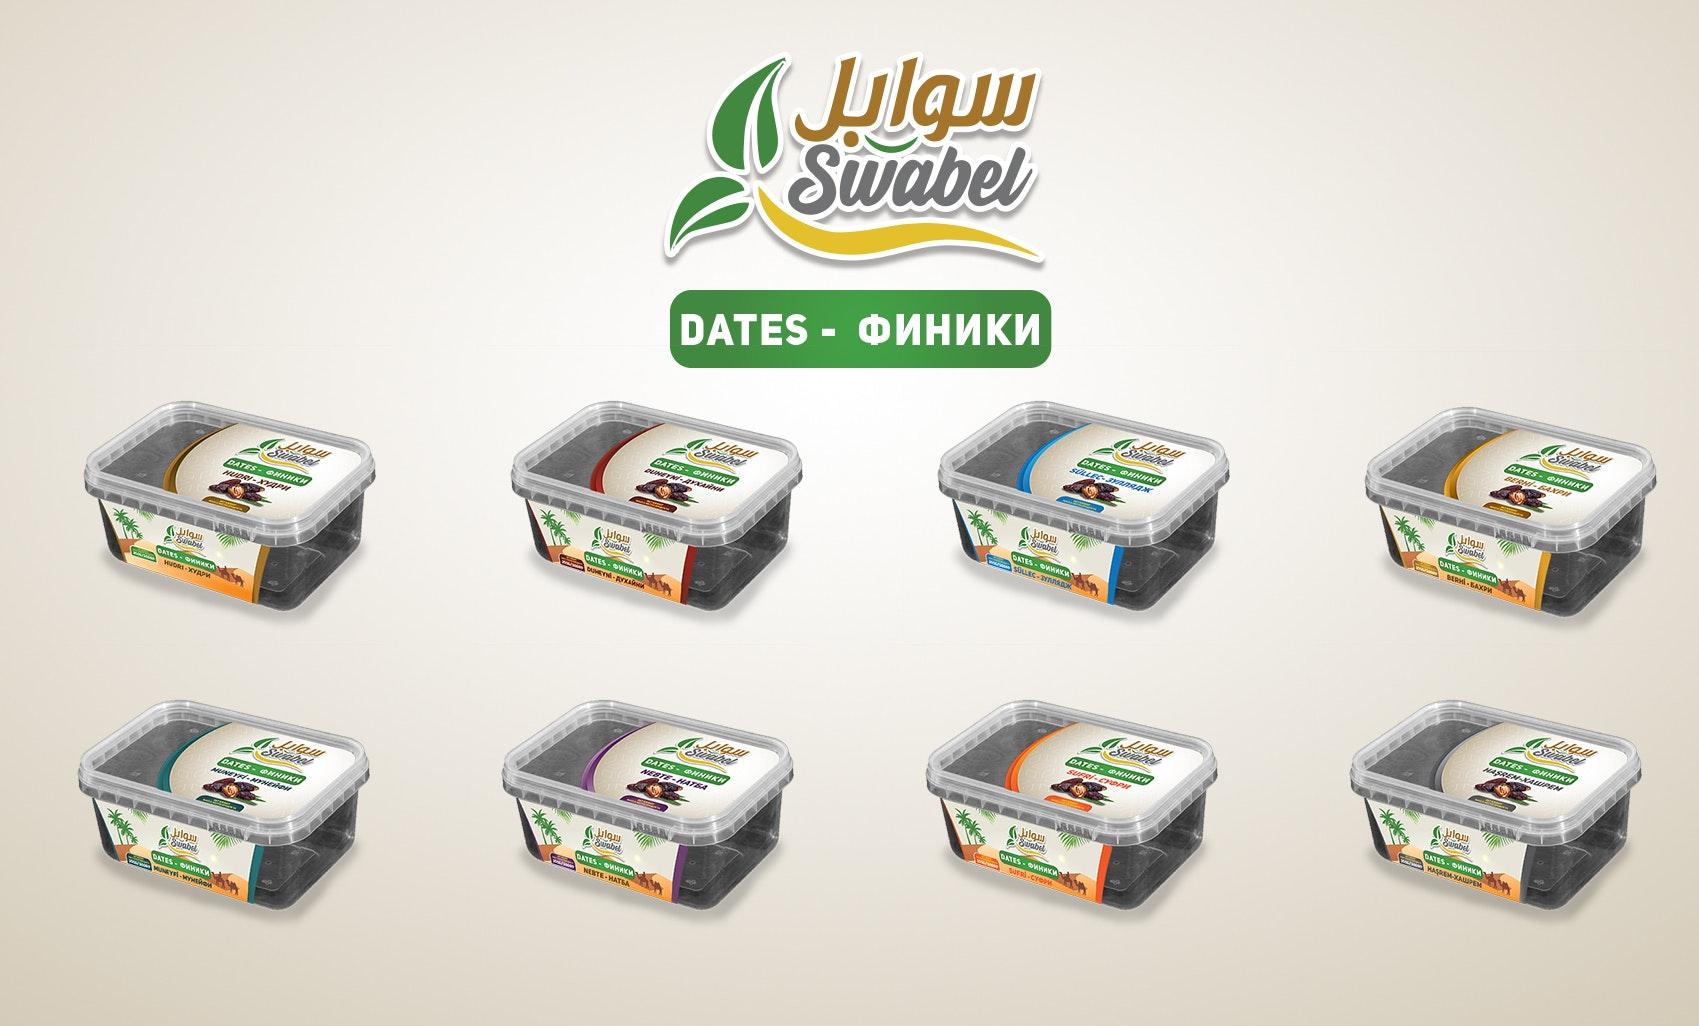 SWABEL DATES Packaging